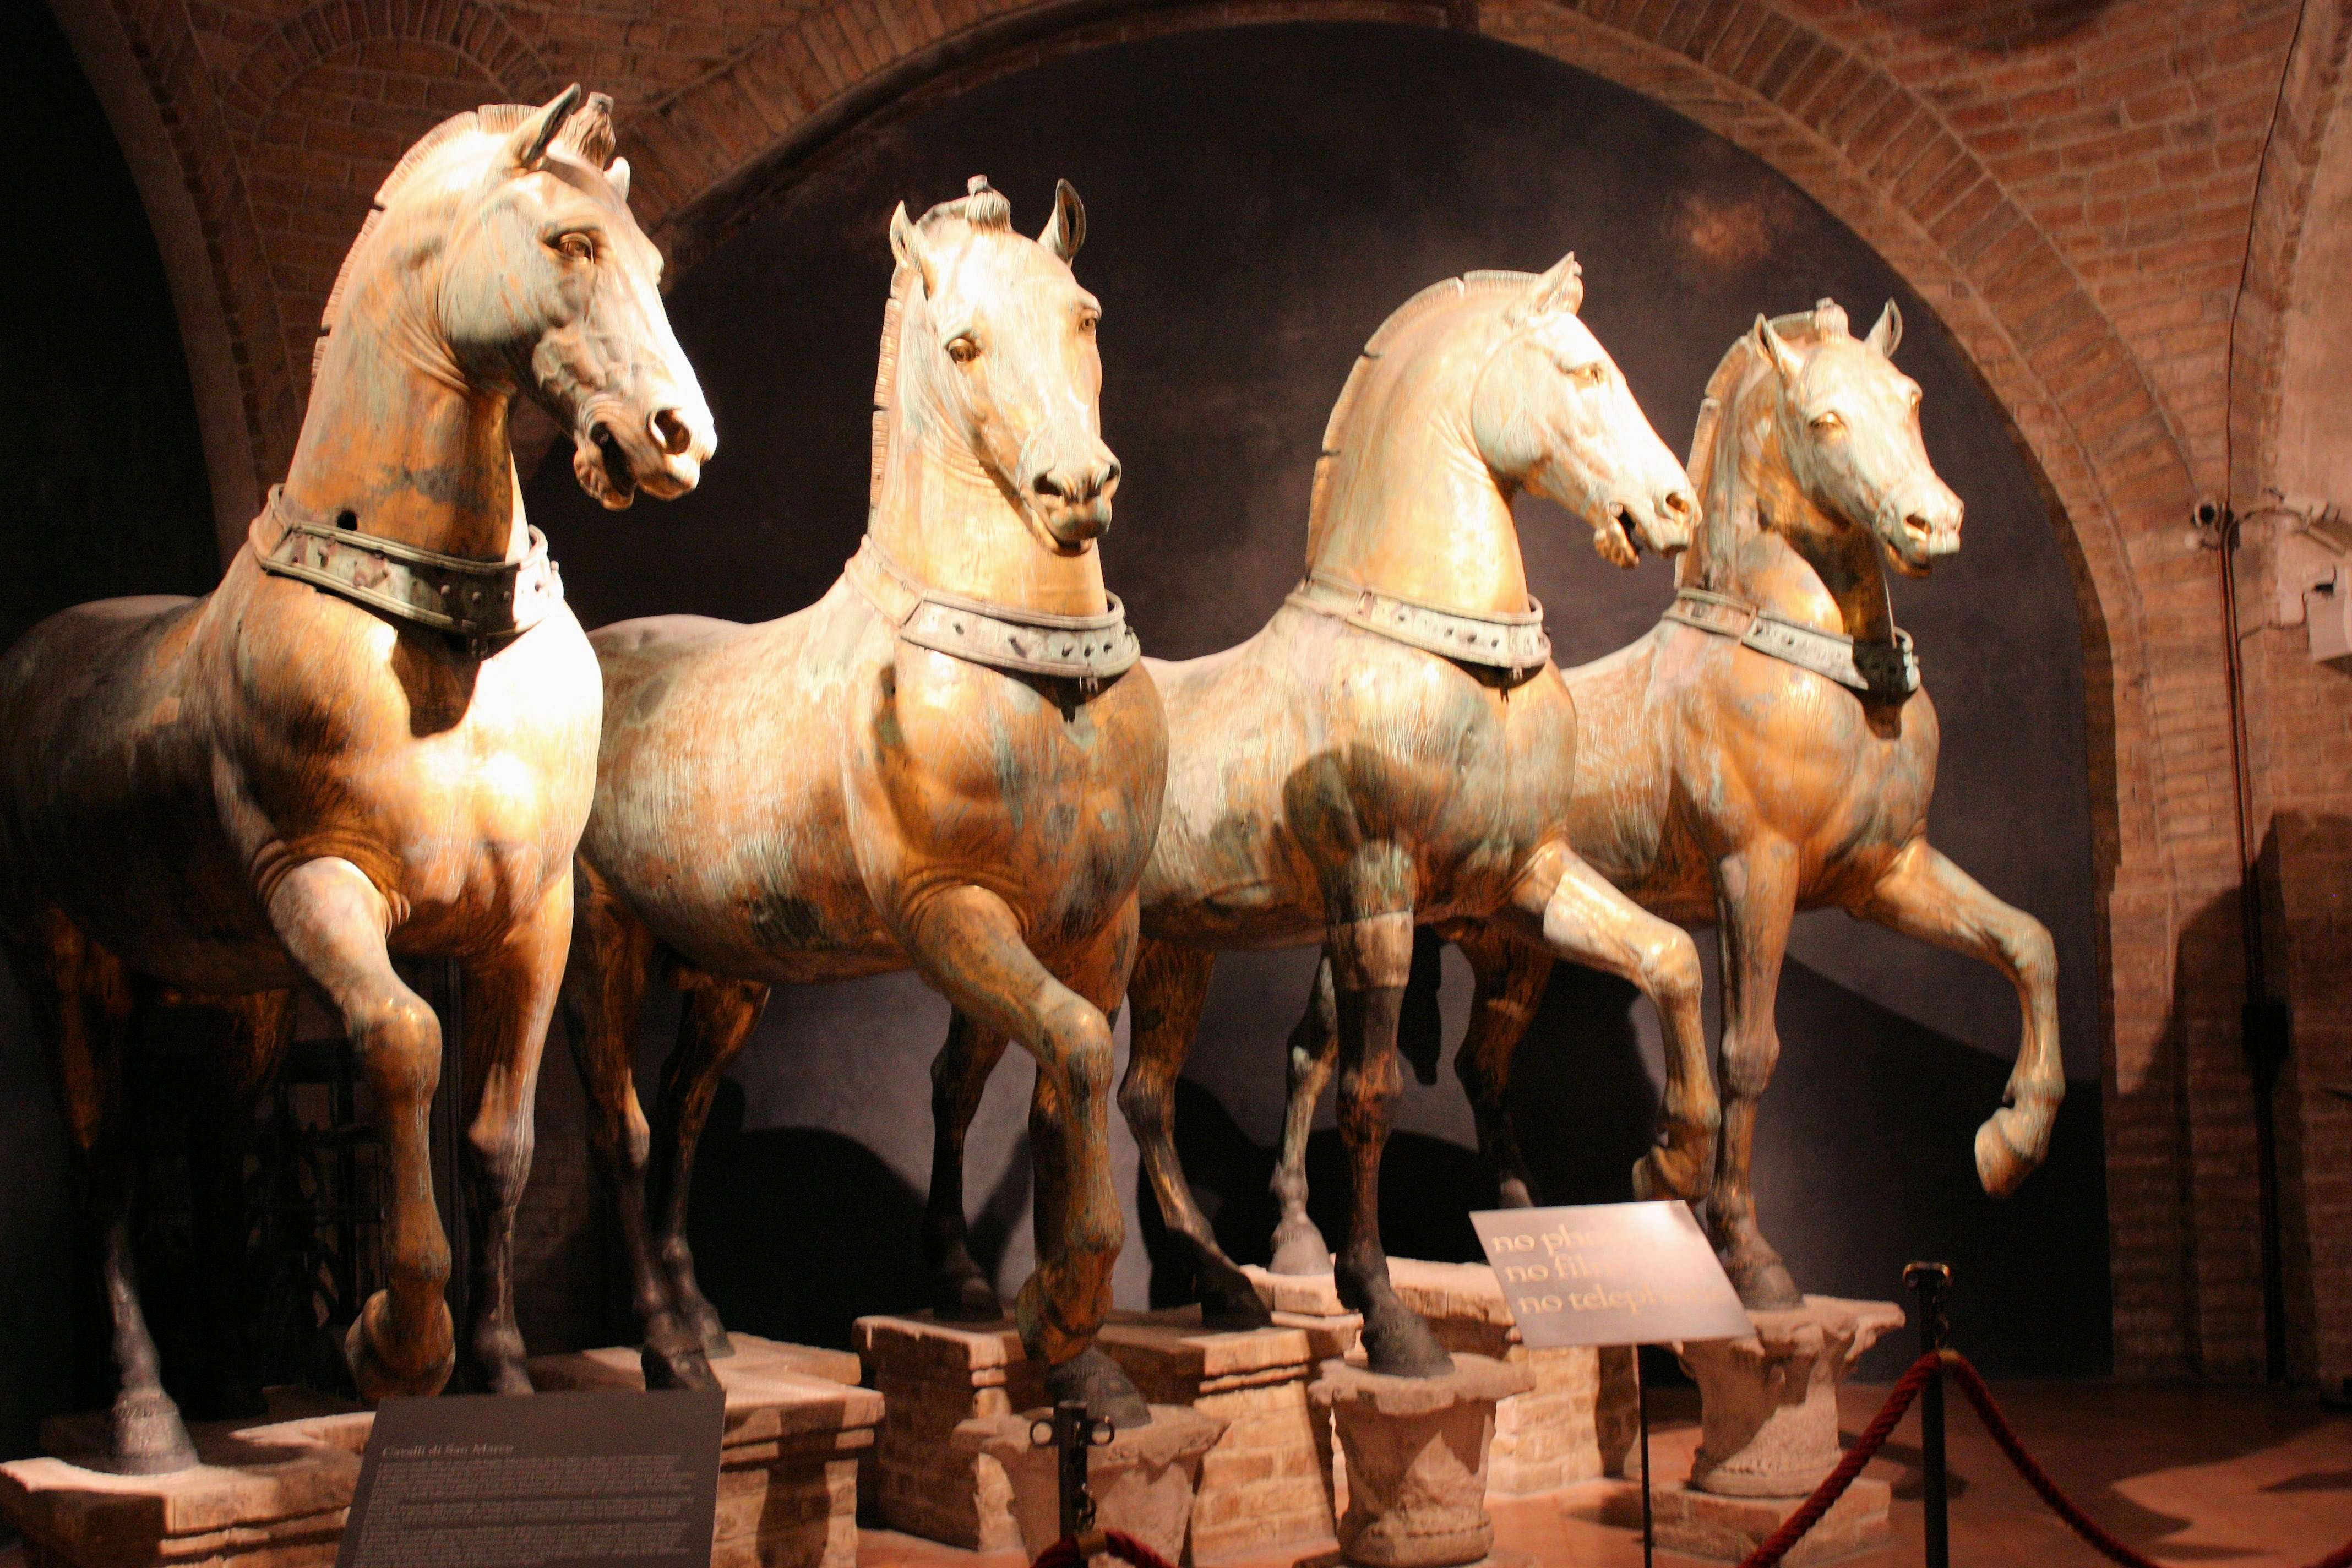 Τα Άλογα του Αγίου Μάρκου, γνωστά επίσης ως Τέθριππο Θριάμβου (Triumphal Quadriga)· τοποθετήθηκαν στην πρόσοψη στην λότζια απάνω από τα προπύλαια της Βασιλικής του Αγίου Μάρκου στη Βενετία, μετά από τη λεηλασία της Κωνσταντινούπολης το 1204. Παρέμειναν εκεί μέχρι τη λεηλασία τους από το Ναπολέοντα το 1797, αλλά επέστρεψαν το 1818.